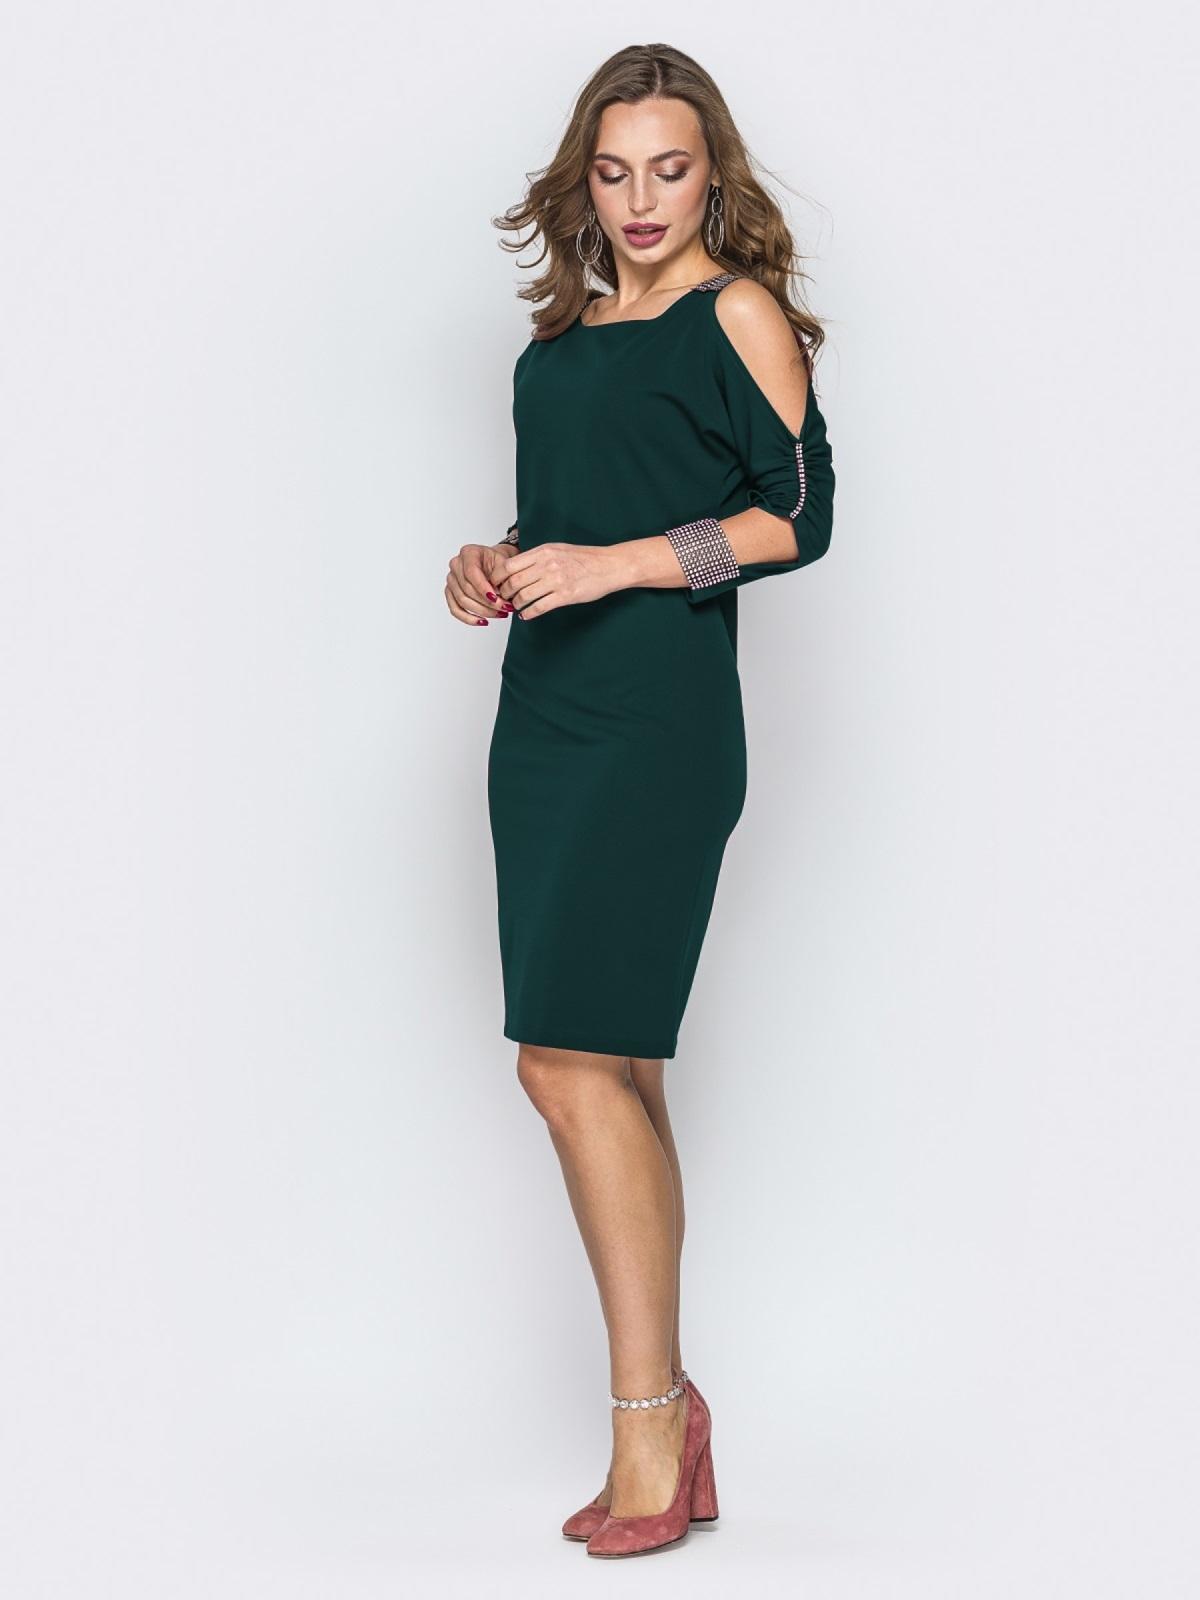 Зеленое платье со стразами и вырезами на рукавах 44032, фото 1